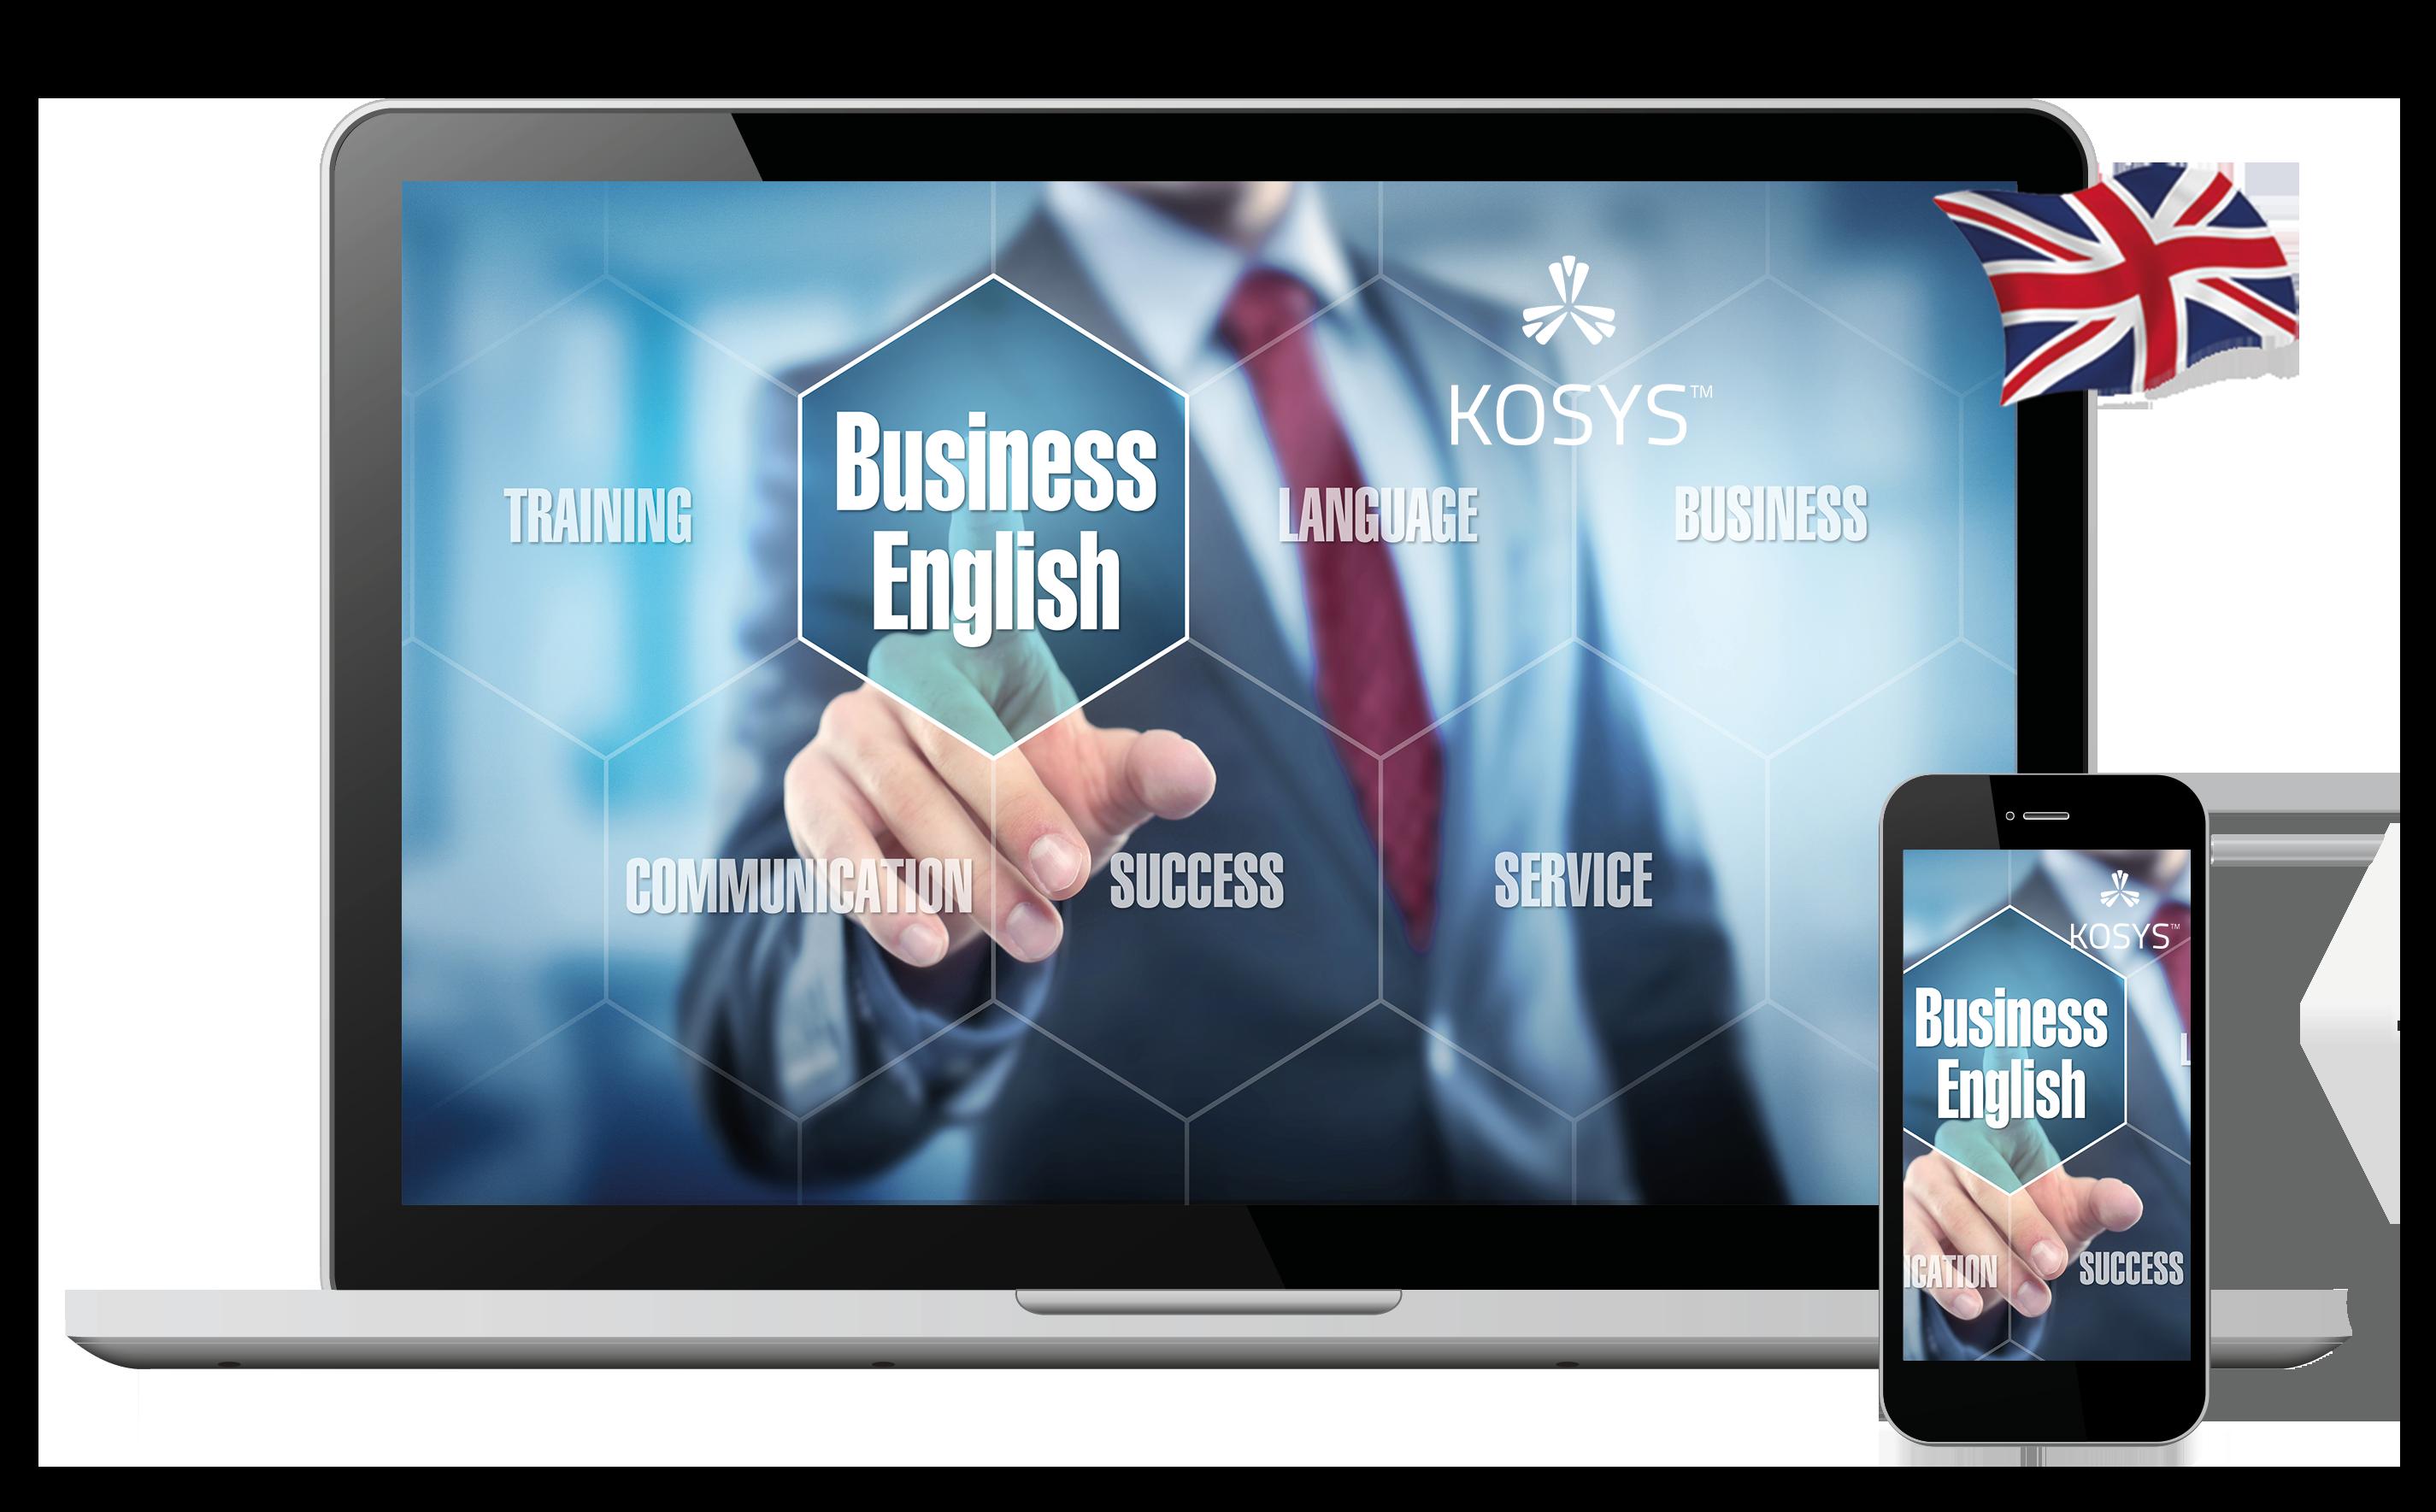 Business-Englisch-Produktbild